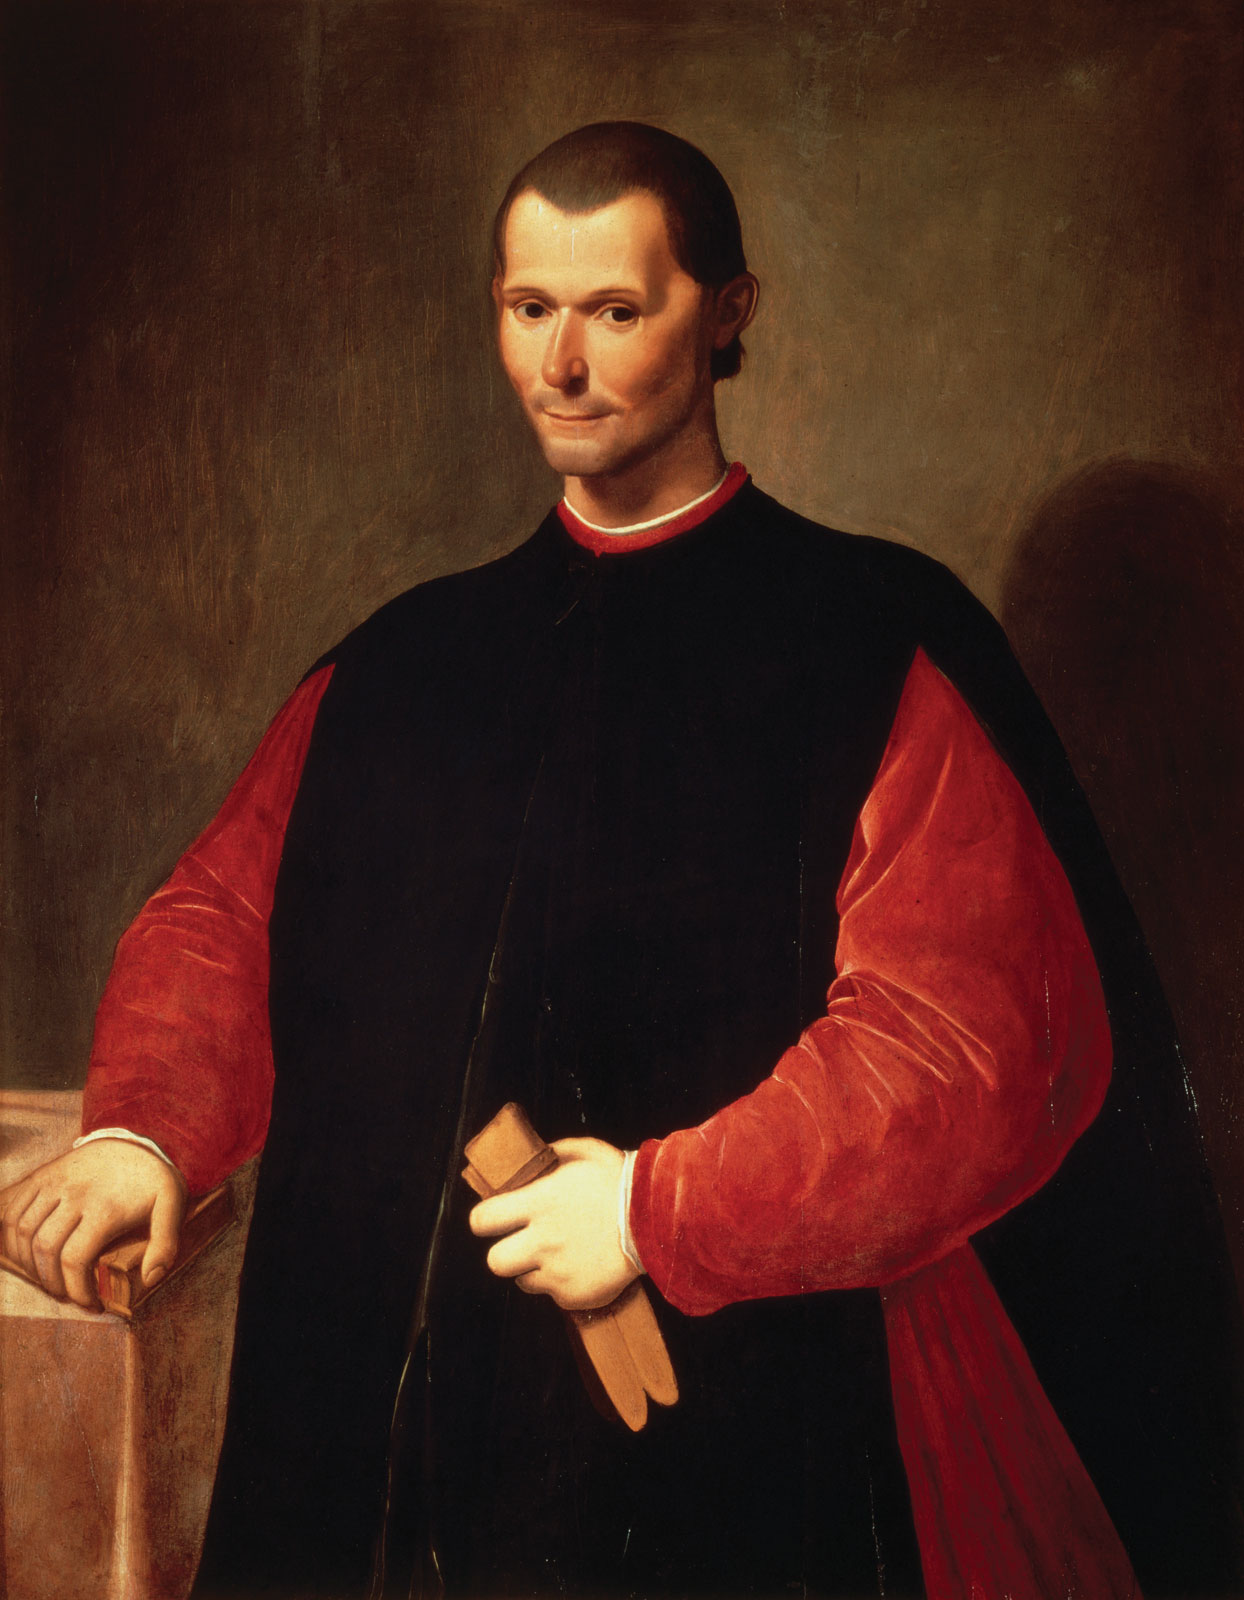 Santi di Tito. Niccolò Machiavelli'o portretas. XVI a. II pusė